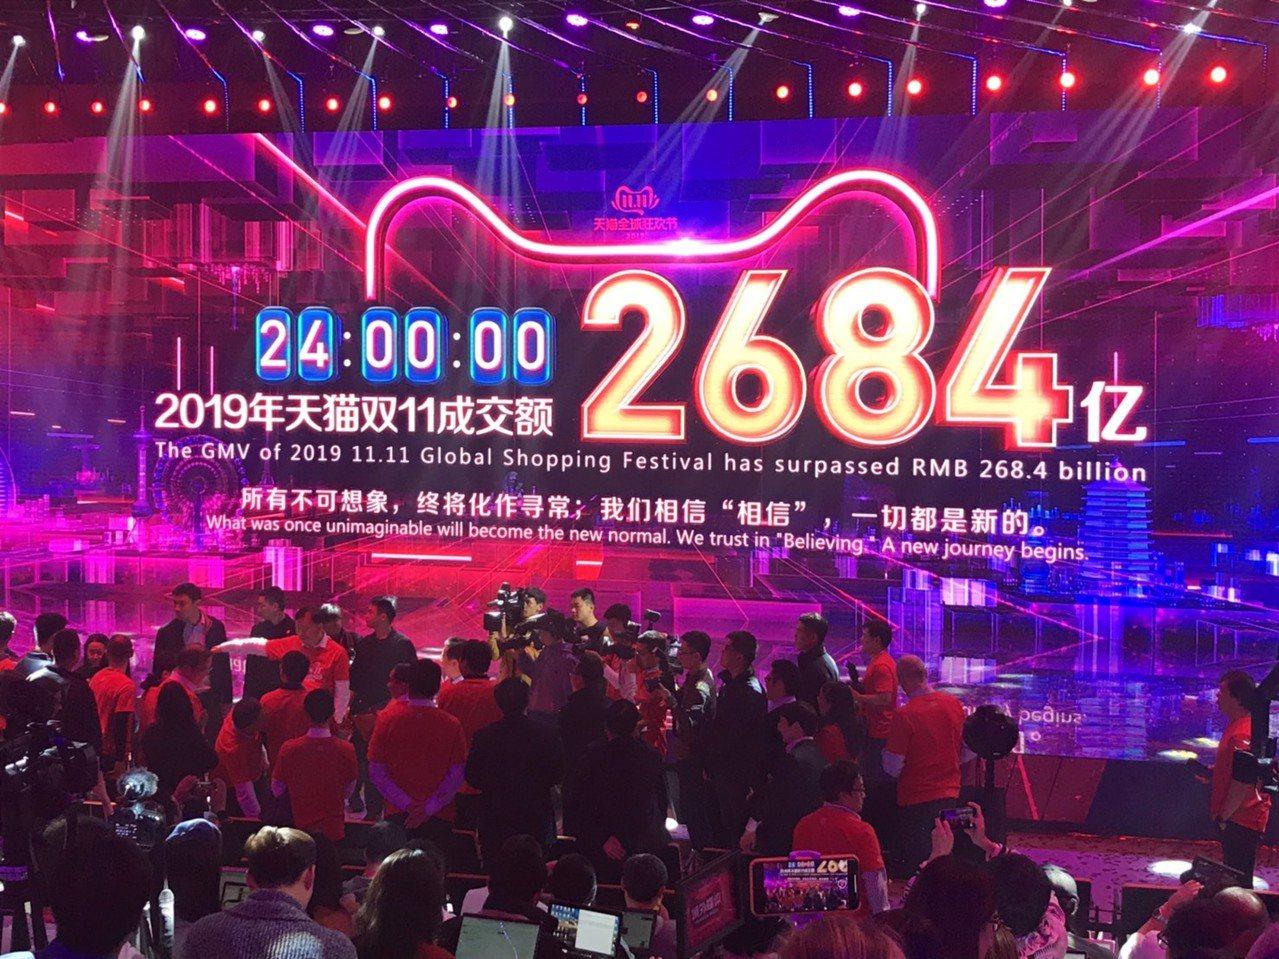 阿里巴巴「2019天貓雙11全球狂歡節」落幕,全天成交額(GMV)達人民幣2,6...